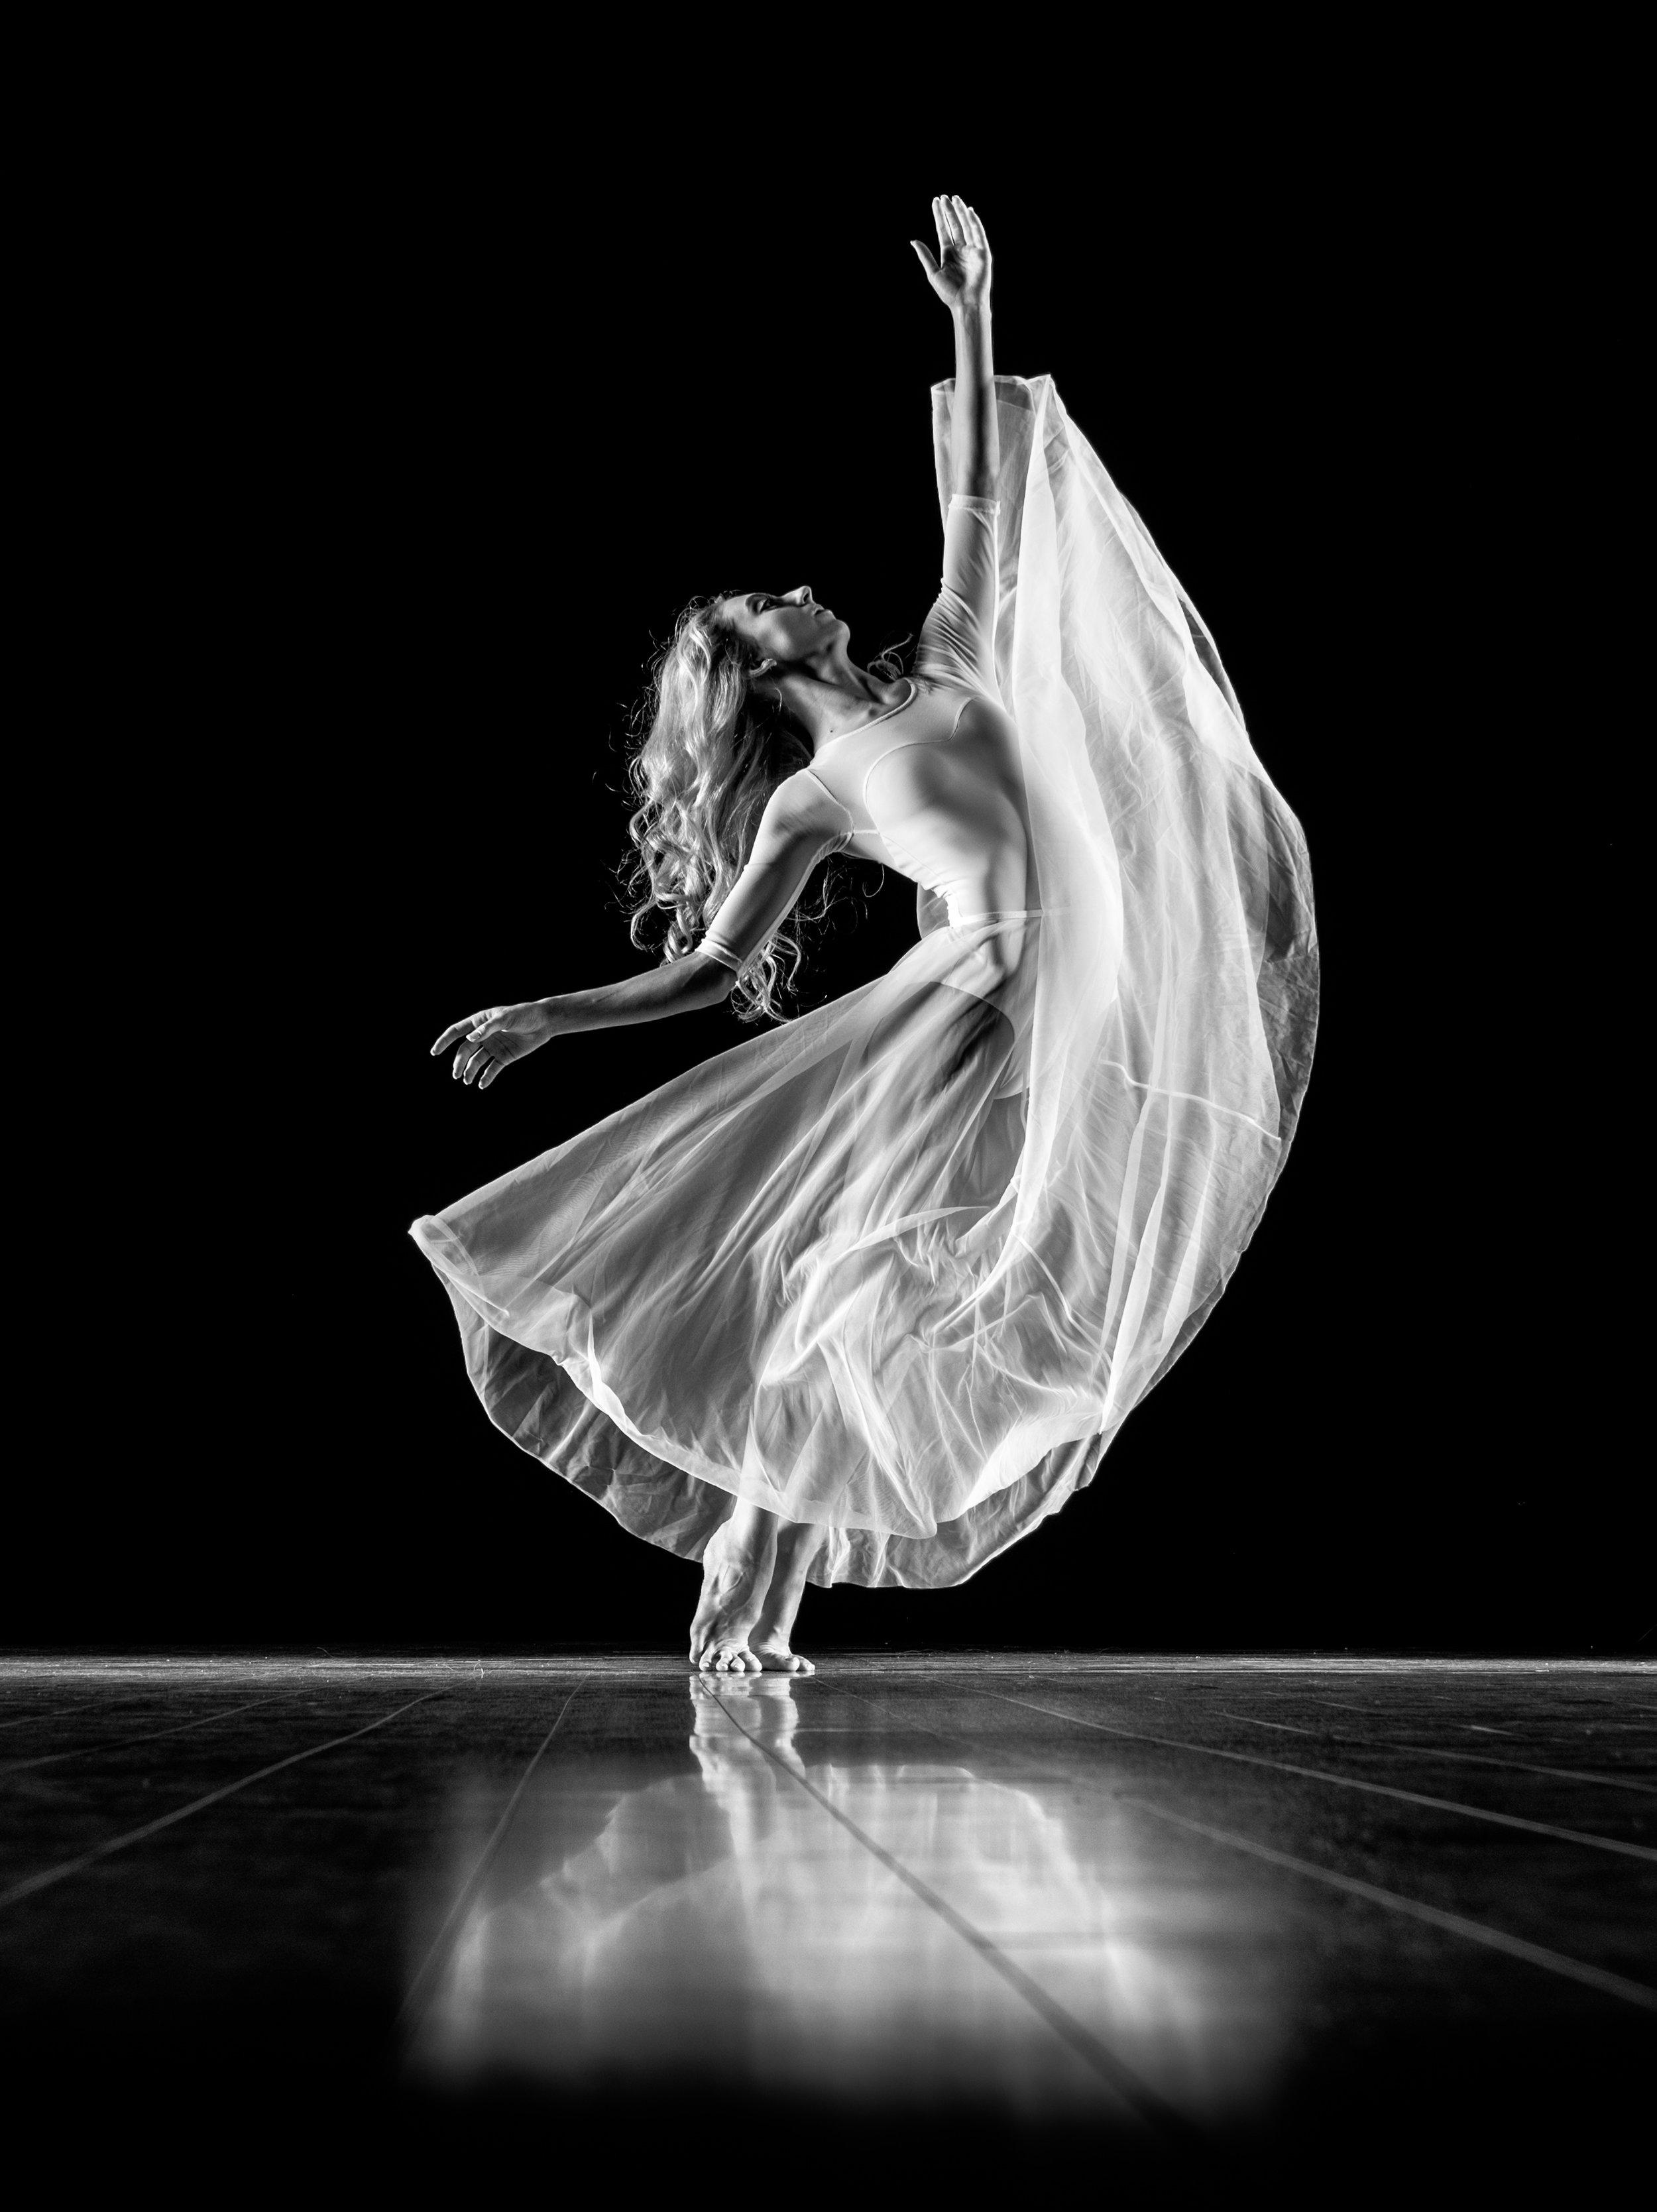 El Ballet Juvenil de Berlín debutará en México en el marco de Danzatlán, que también integra a la Compañía Nacional de Danza y el Ballet de Monterrey, entre otras agrupaciones dancísticas.